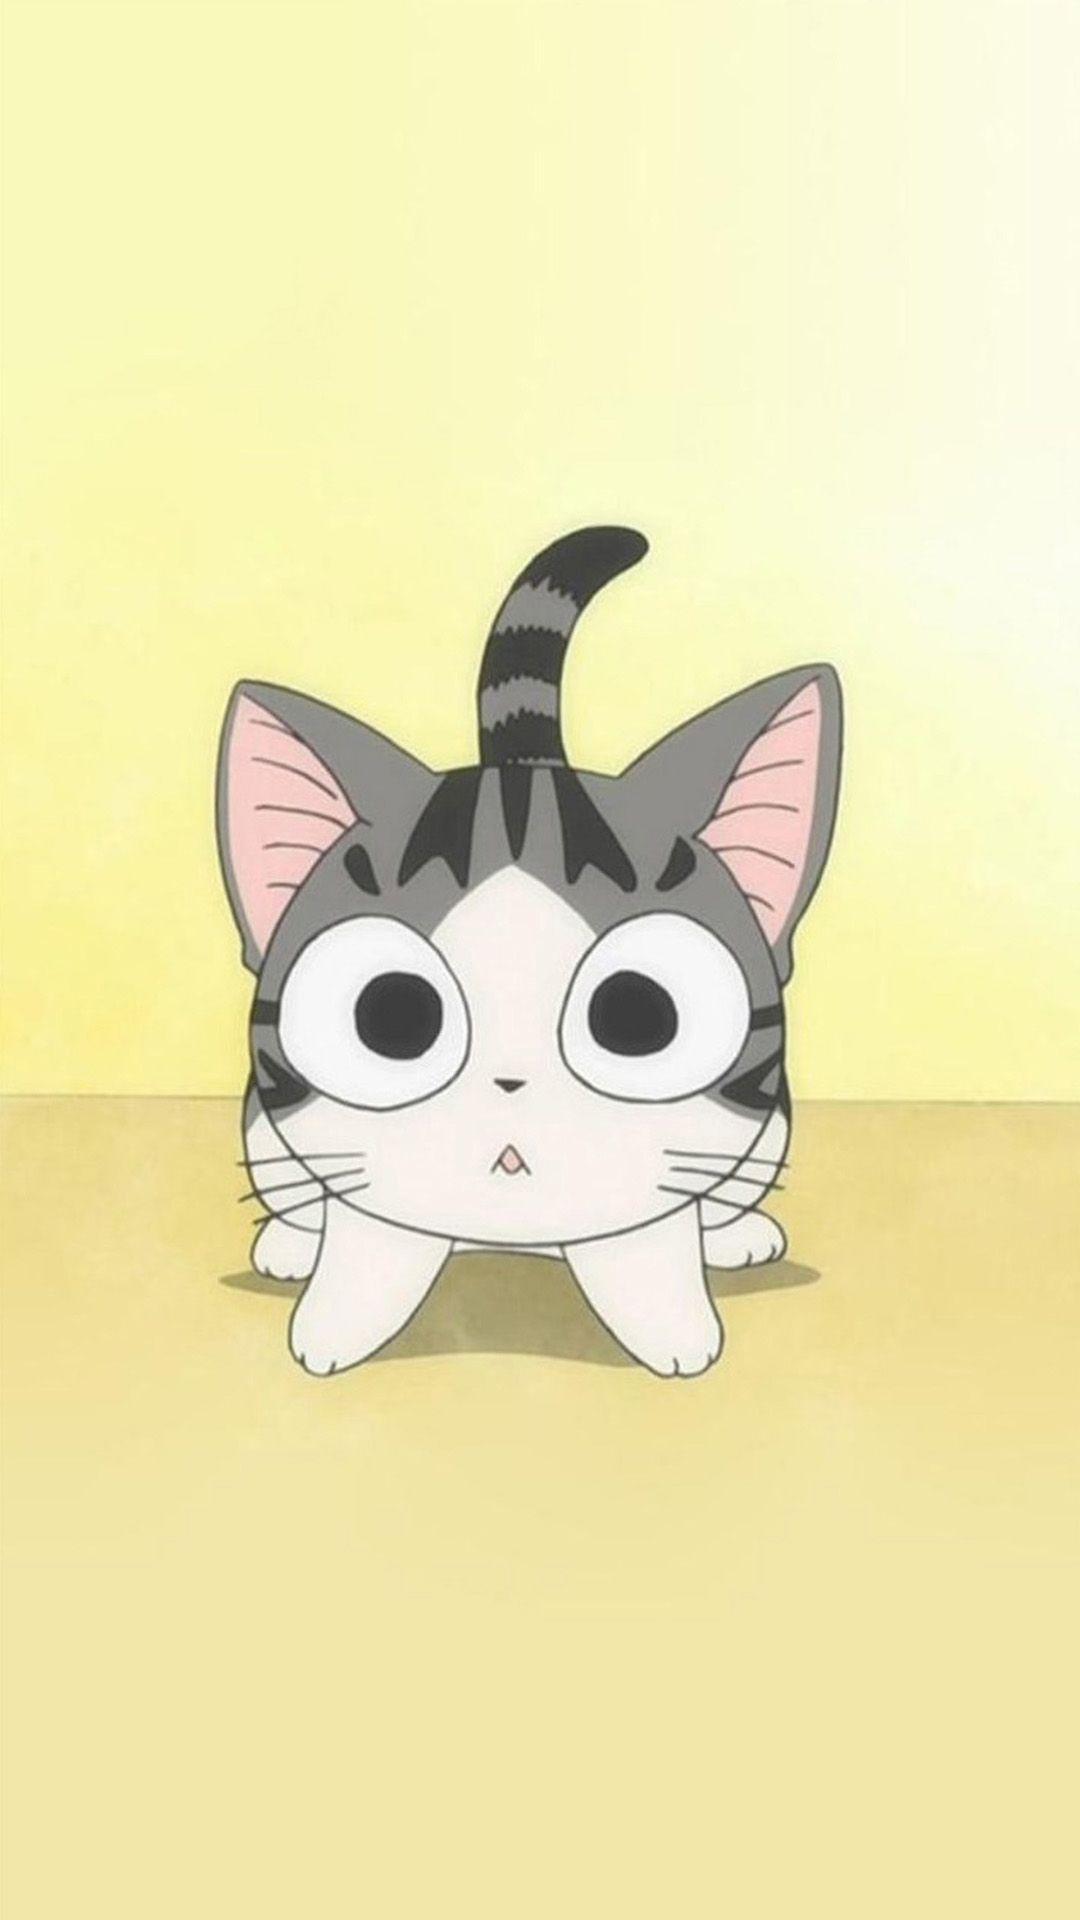 Resultado de imagen para cat cartoon | illustrations | Pinterest ...